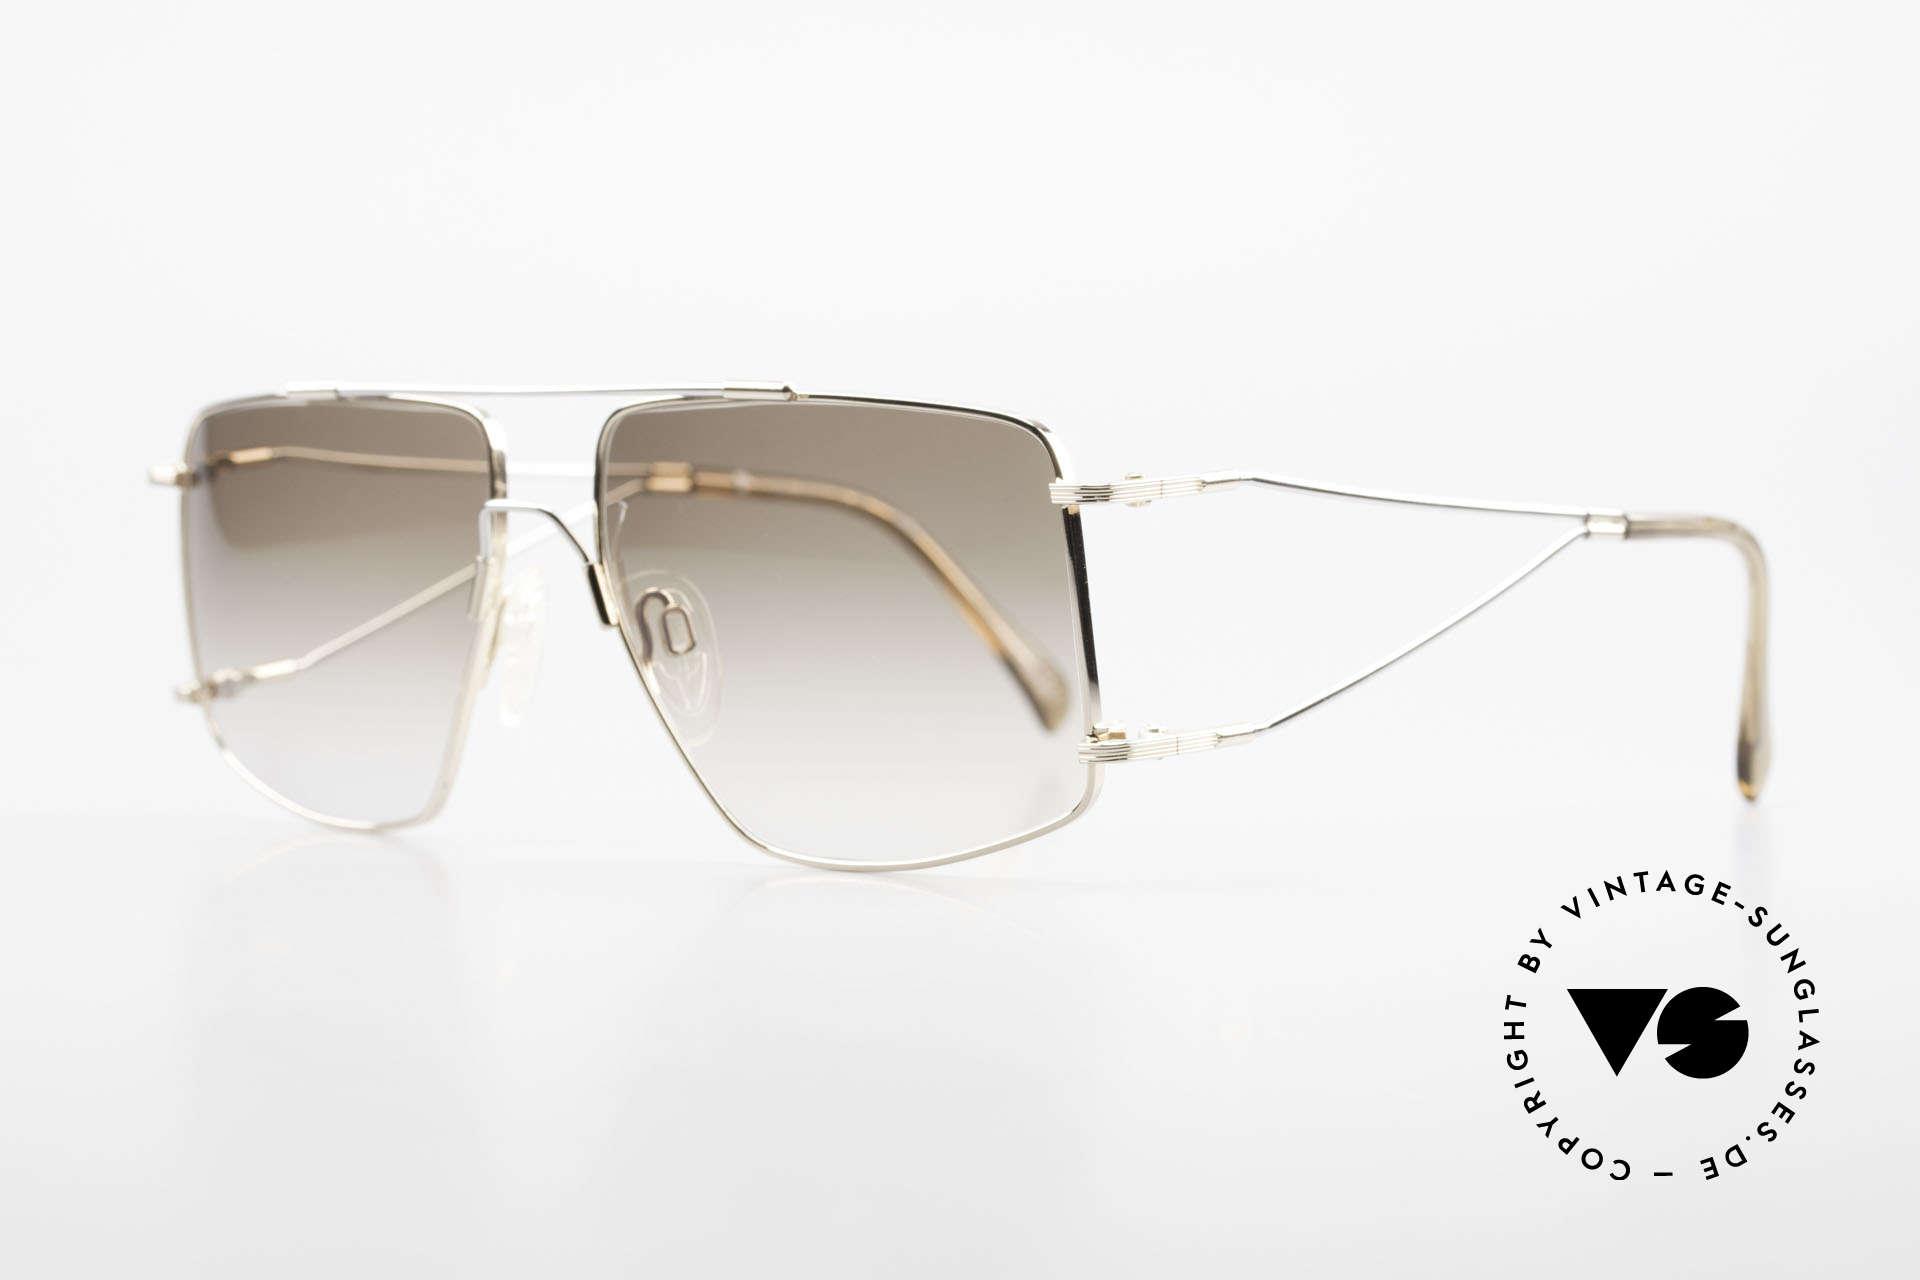 Neostyle Jet 40 Titanflex Vintage Sonnenbrille, TITAN-FLEX ist unglaublich robust und sehr leicht, Passend für Herren